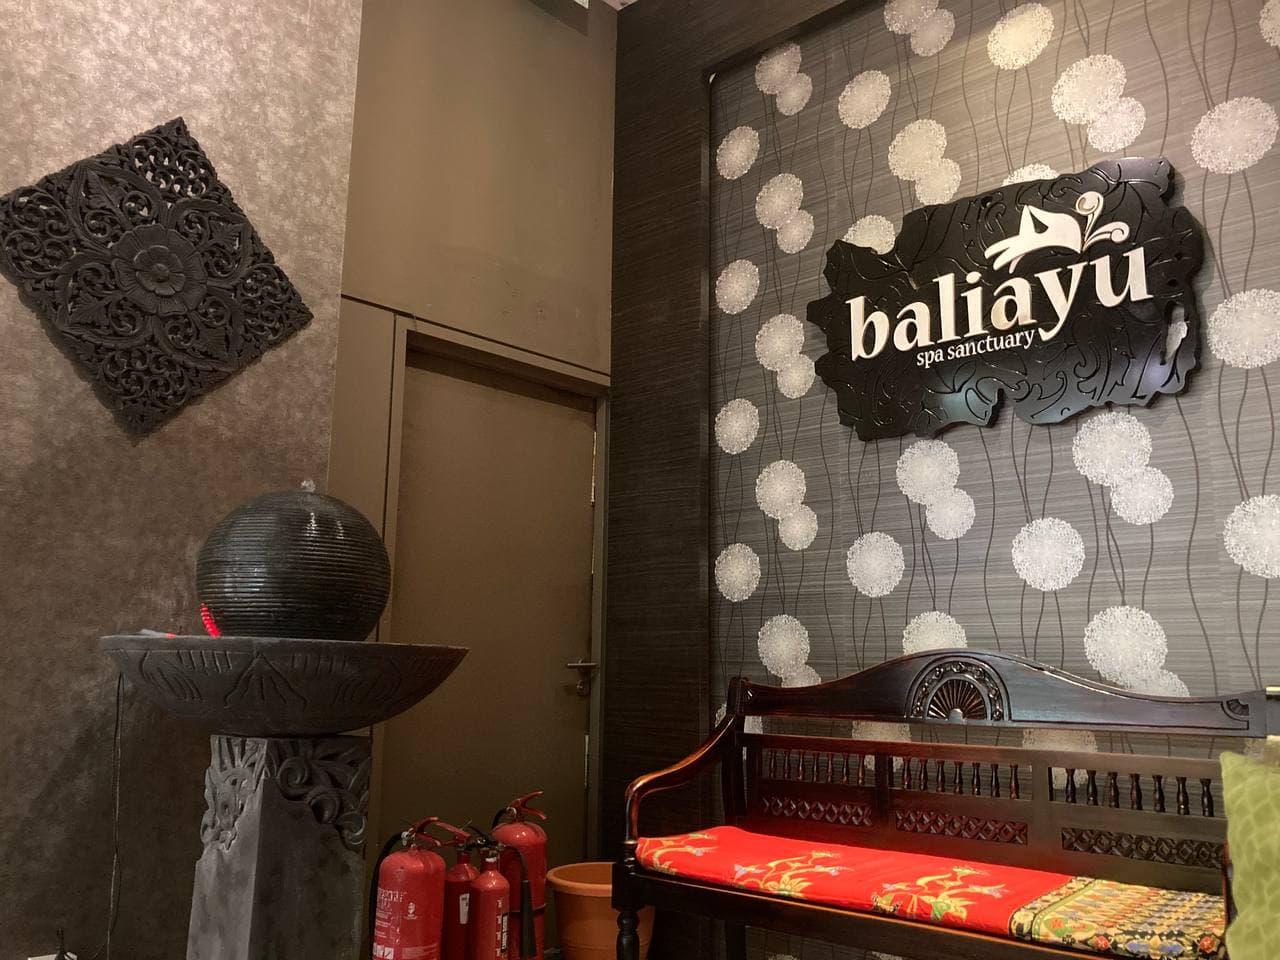 Baliayu Spa Sanctuary | Khidmat Urutan Tradisional di Area Petaling Jaya